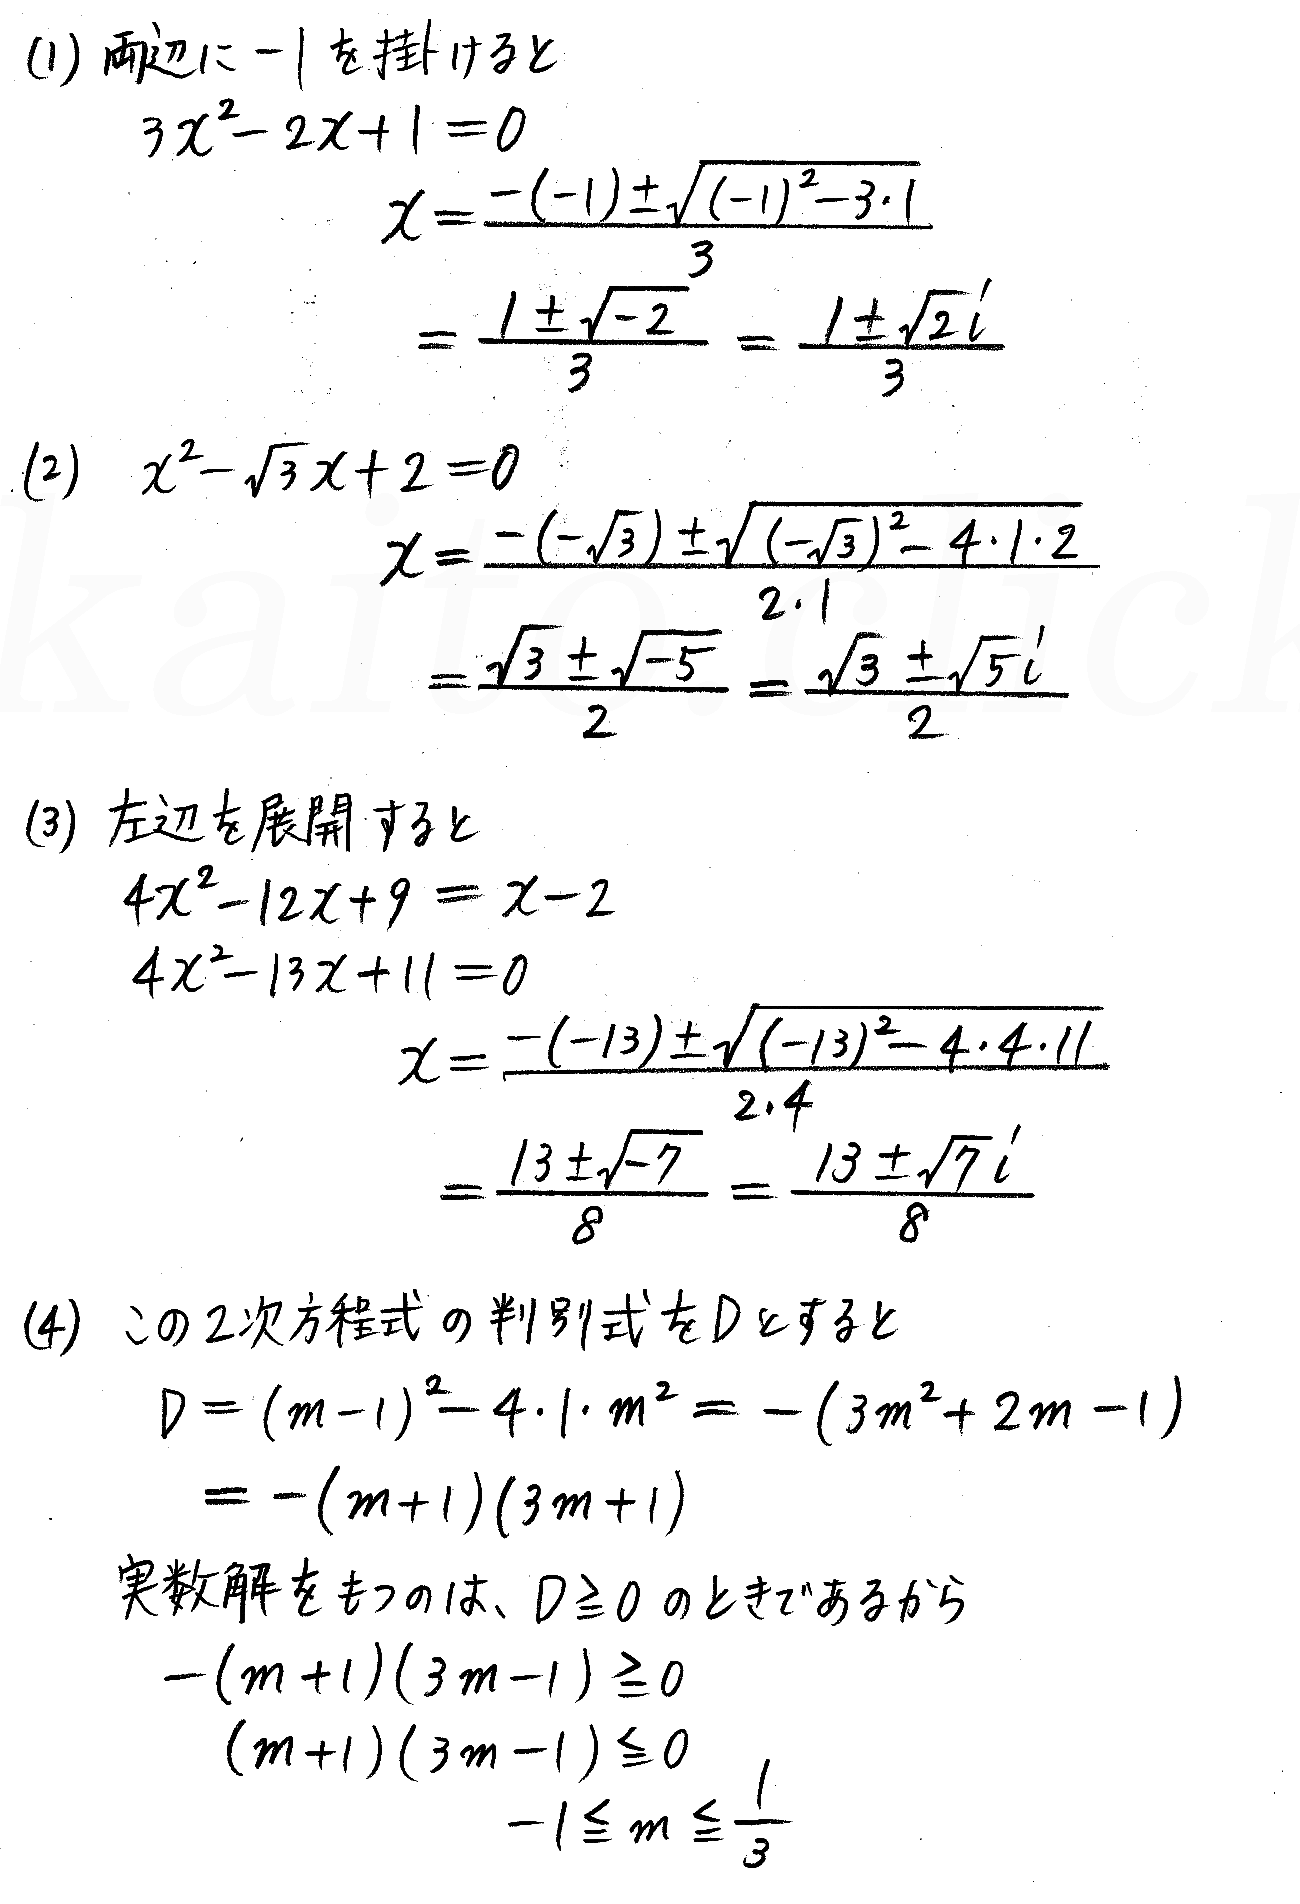 クリアー数学2-92解答